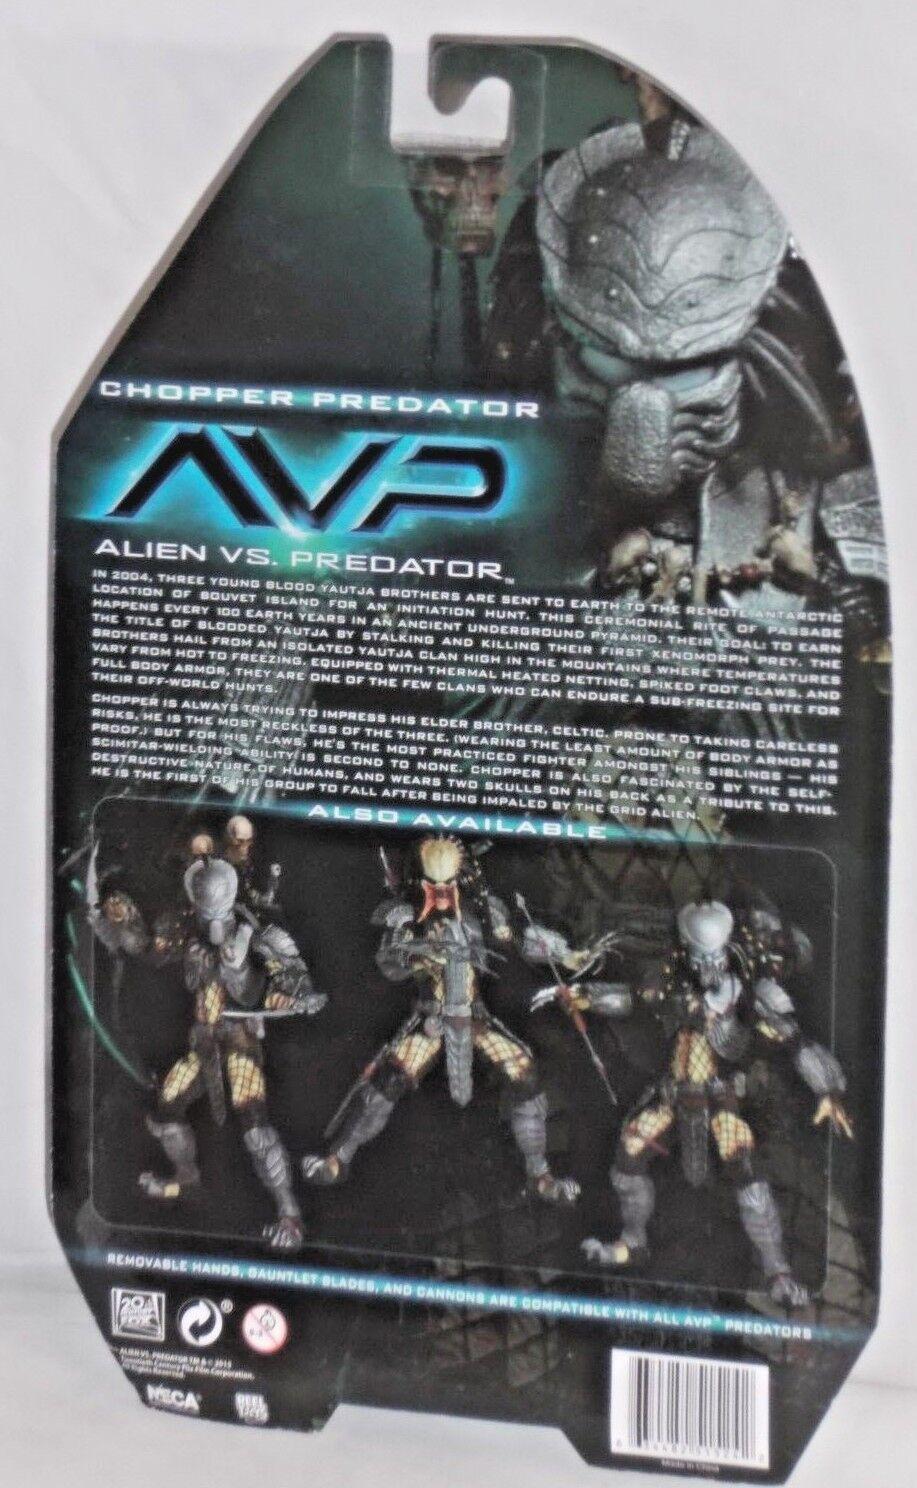 MISP NECA ALIEN vs ProssoATOR Series 14 CHOPPER CHOPPER CHOPPER horror AVP movie 7 action figure c0015a